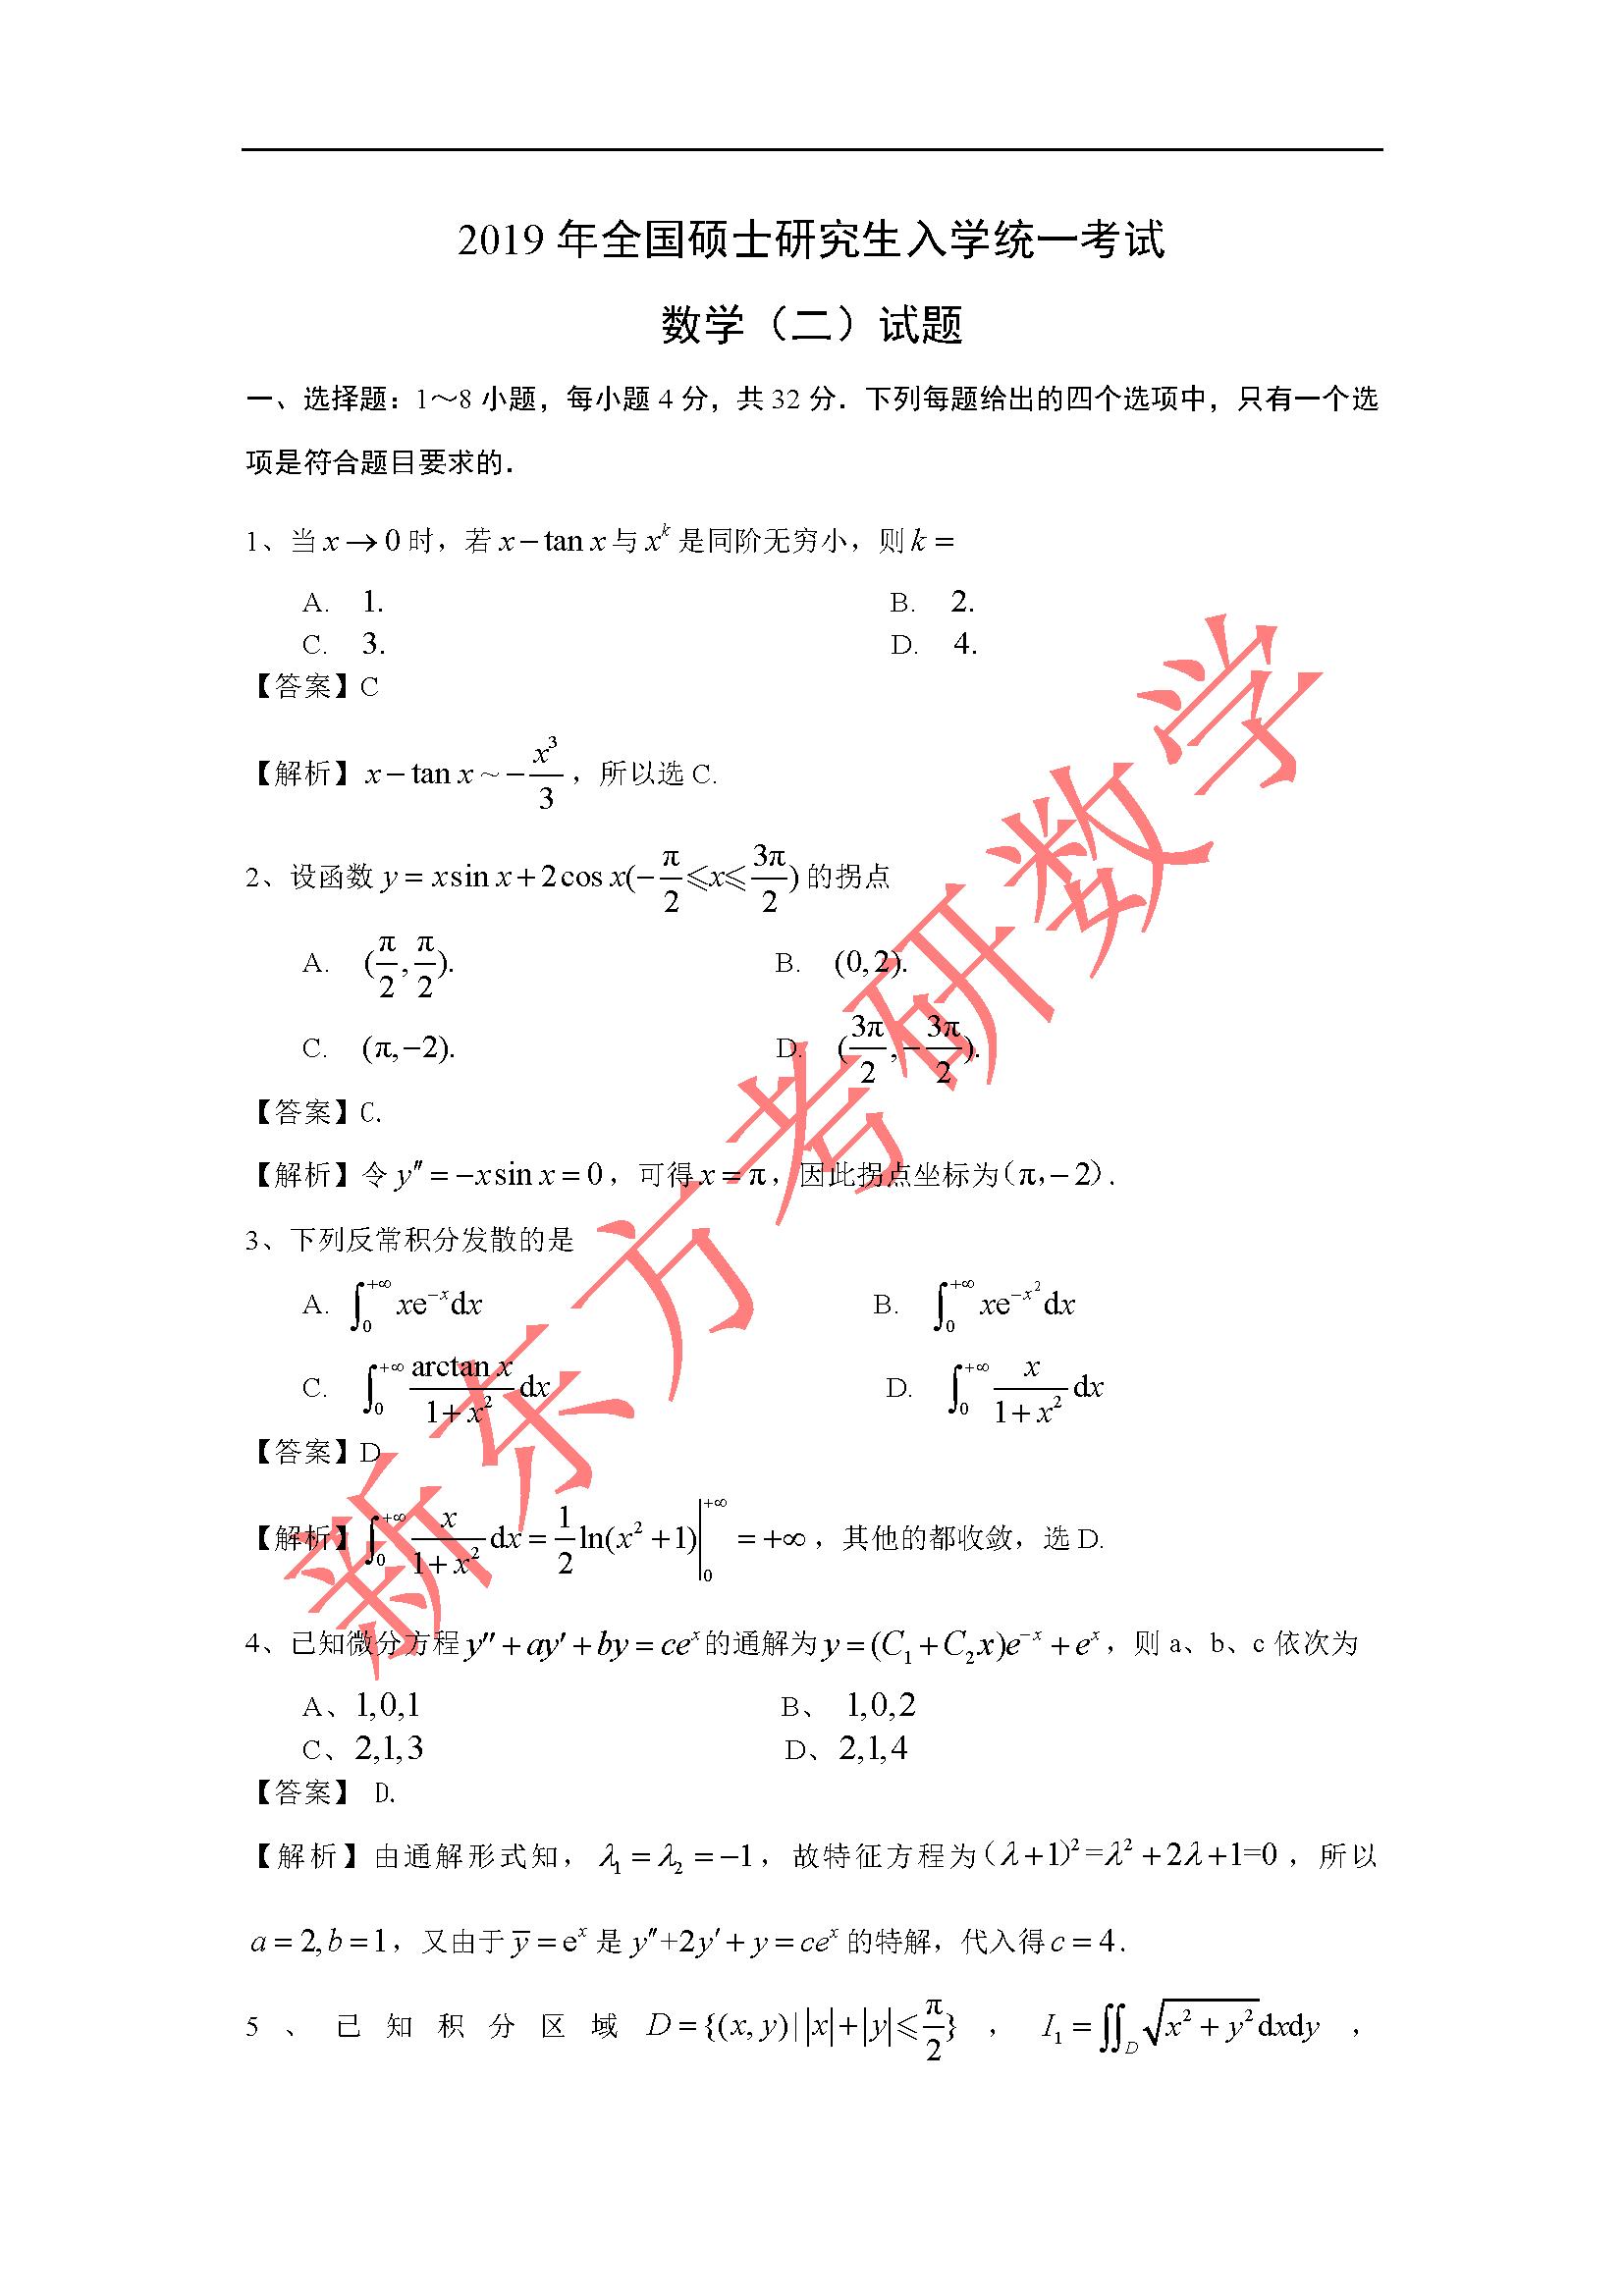 考研数学二答案